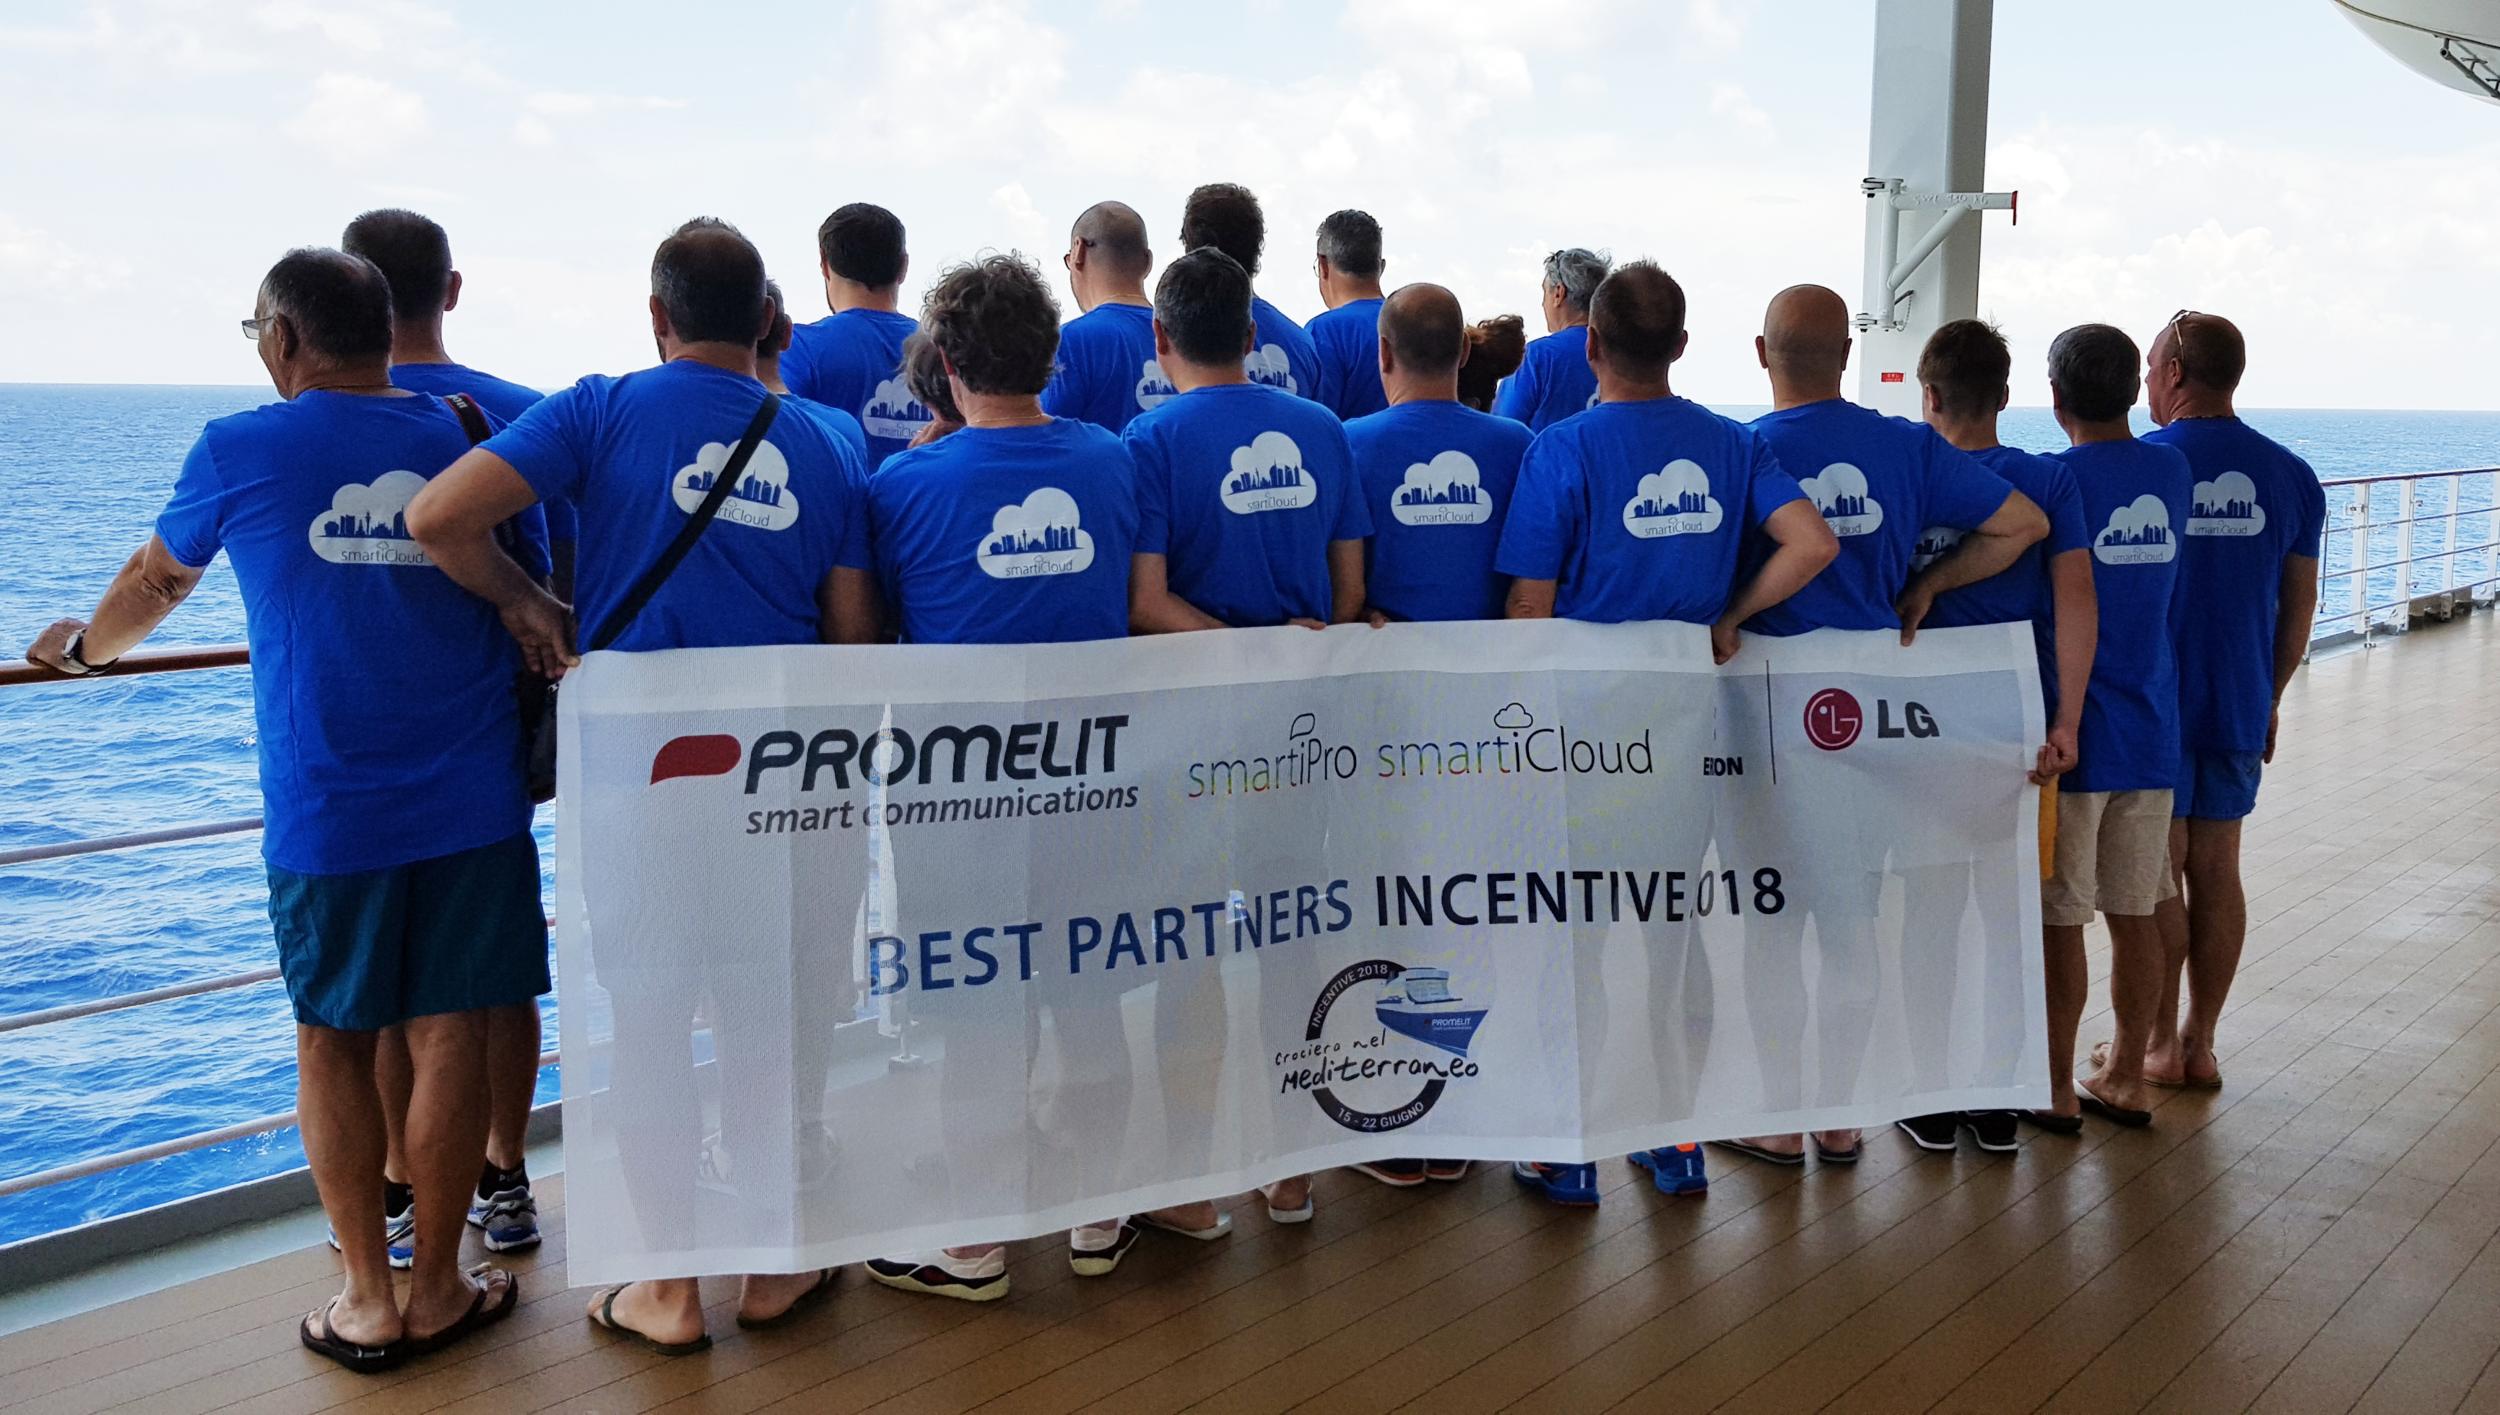 BestPartner_incentive2018.png